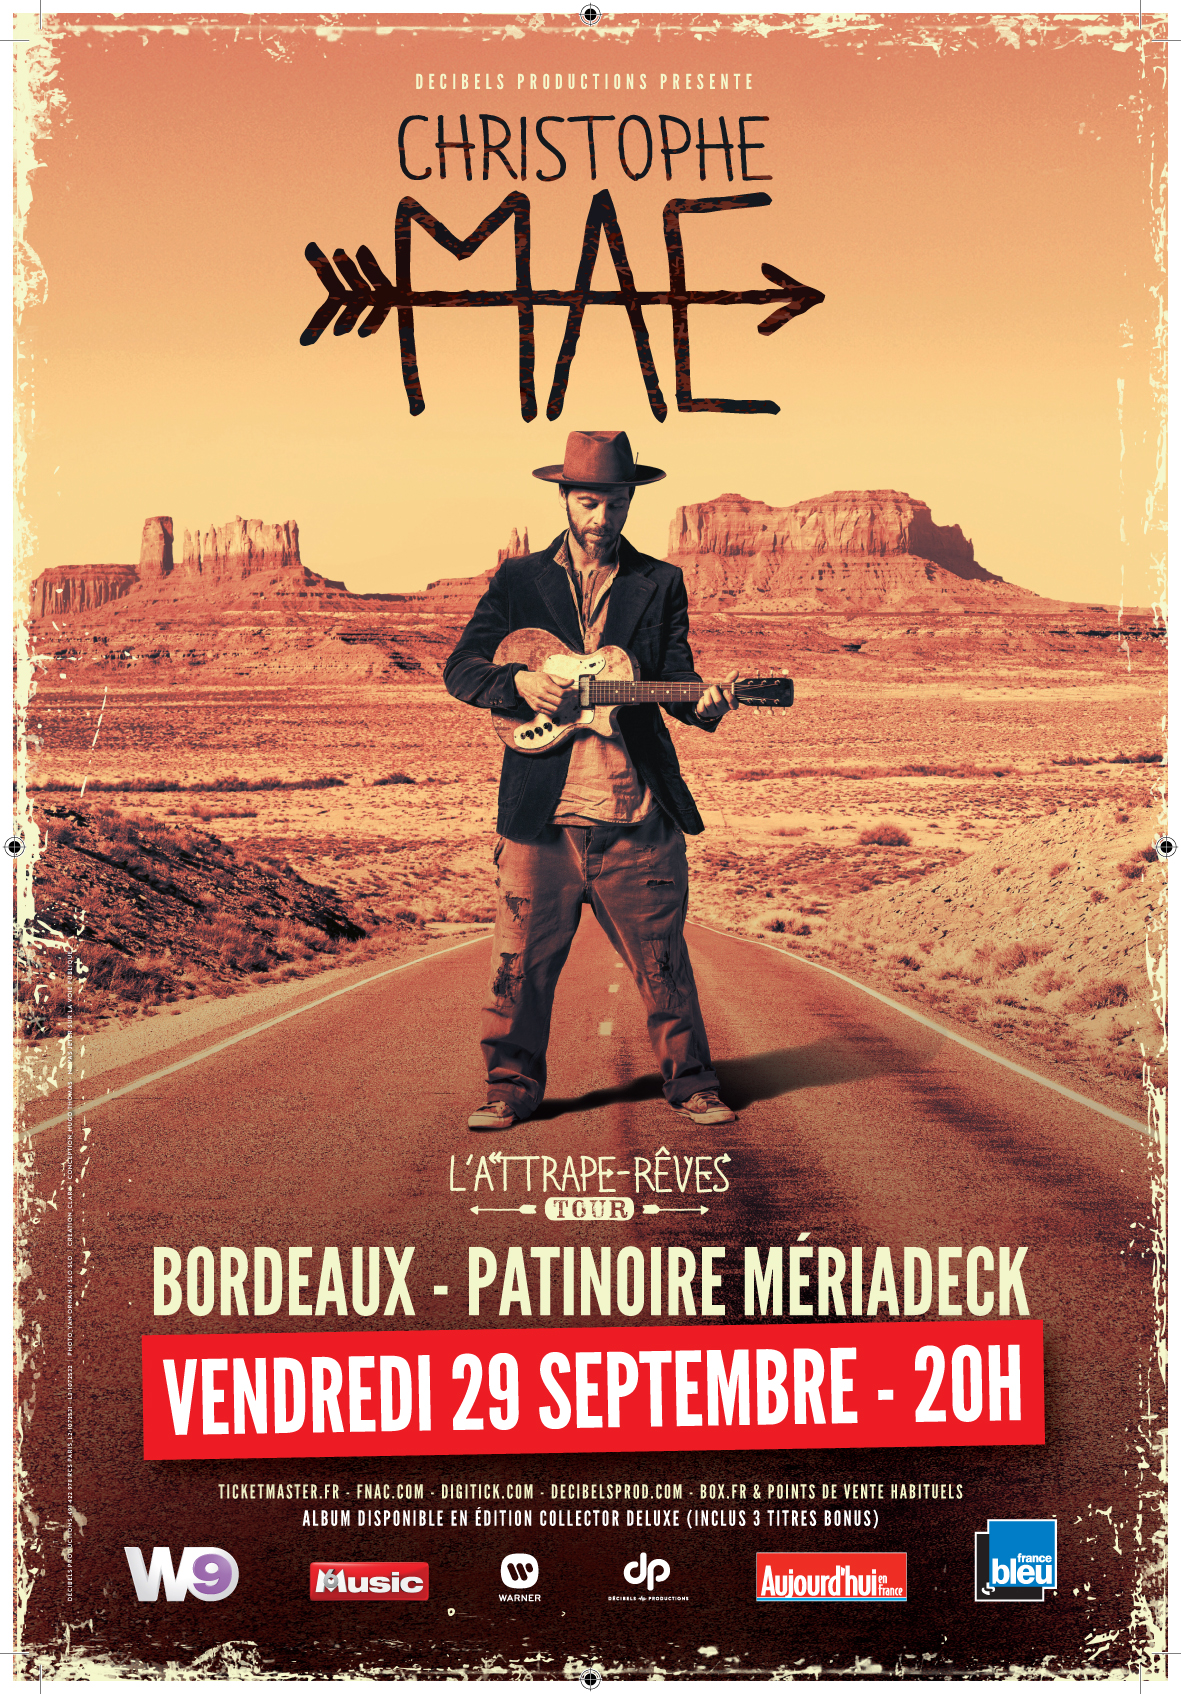 Les bons plans à Bordeaux vous font gagner vos places pour le concert de Christophe Maé à Bordeaux